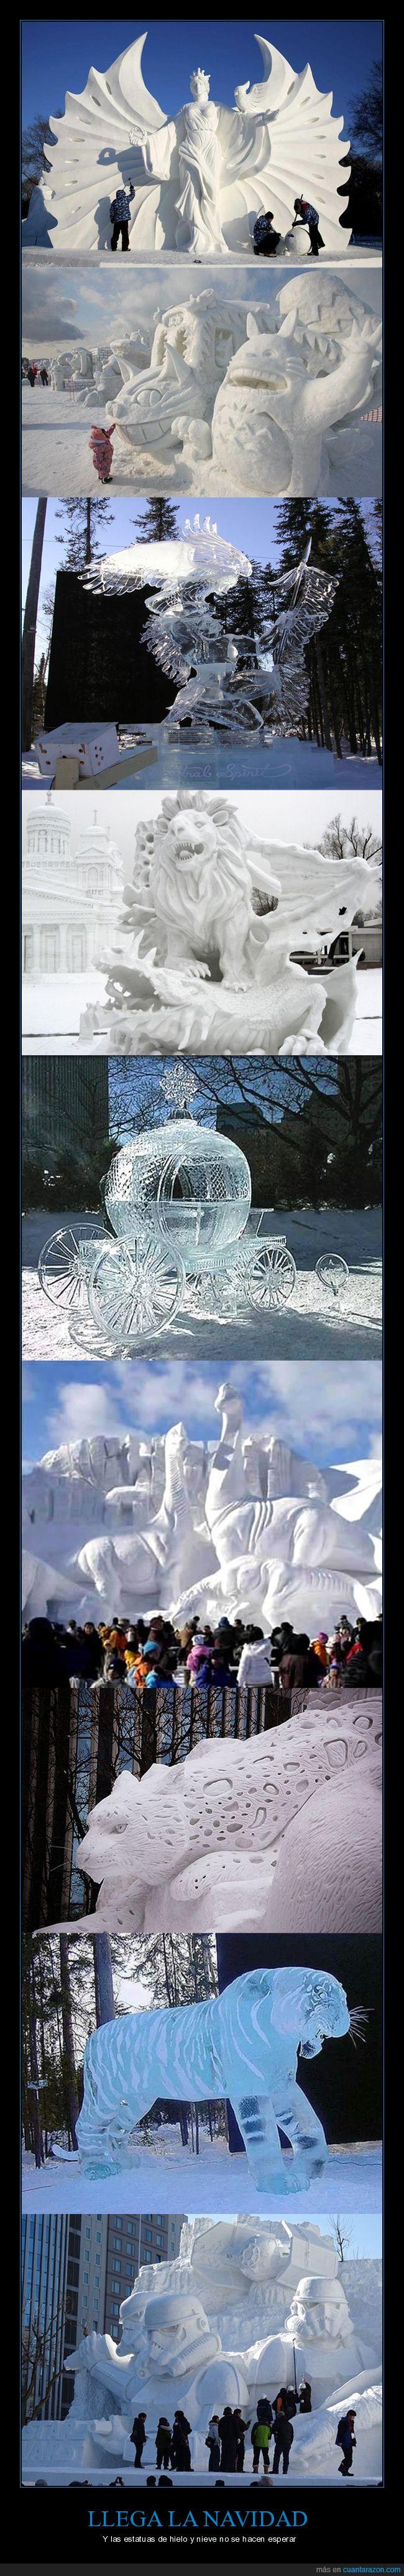 Estatuas,Hielo,Navidad,Nieve